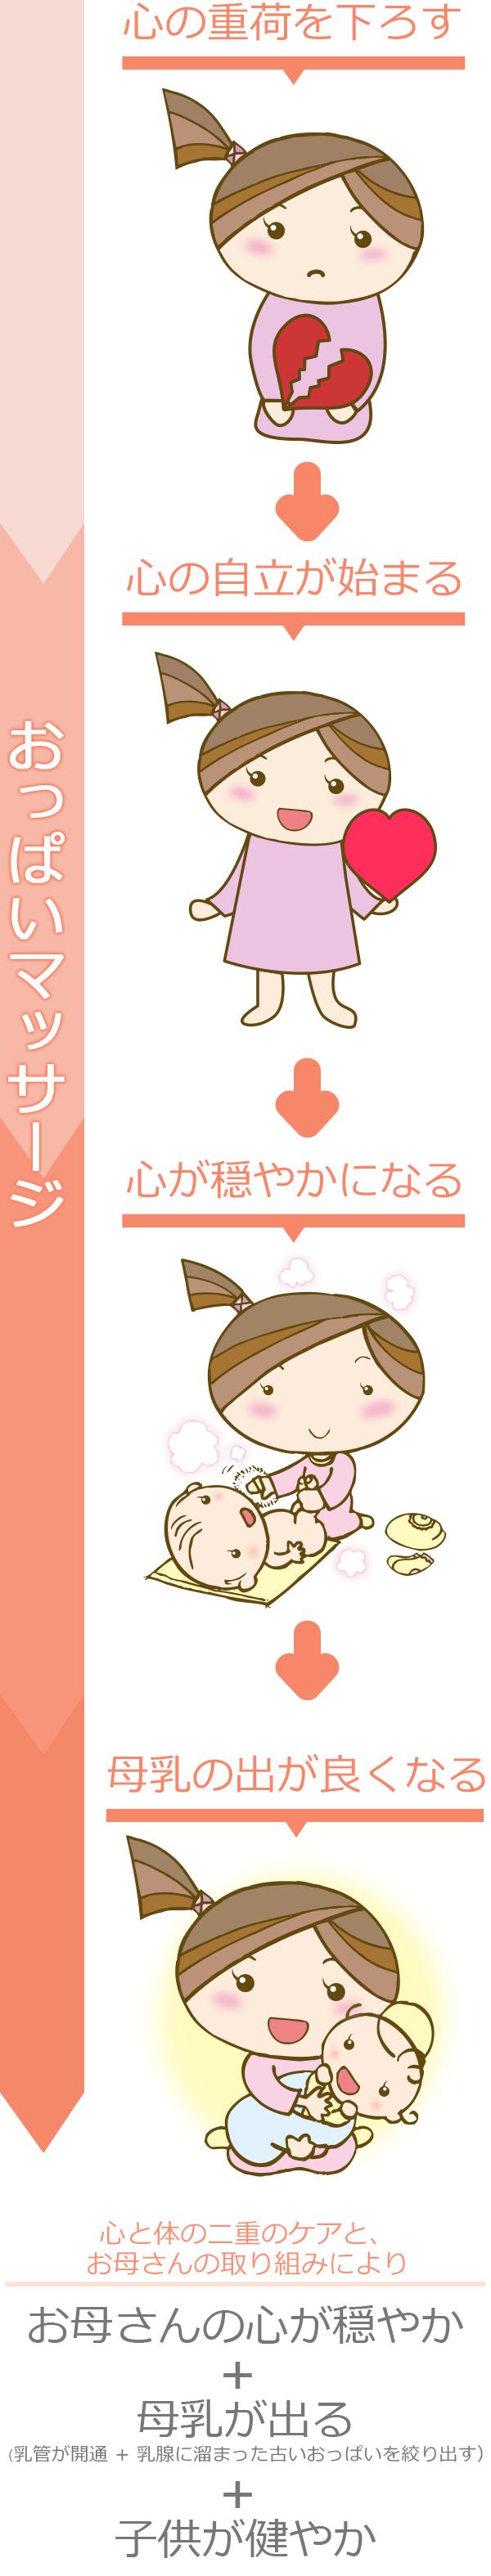 久保式・母乳育児メソッド